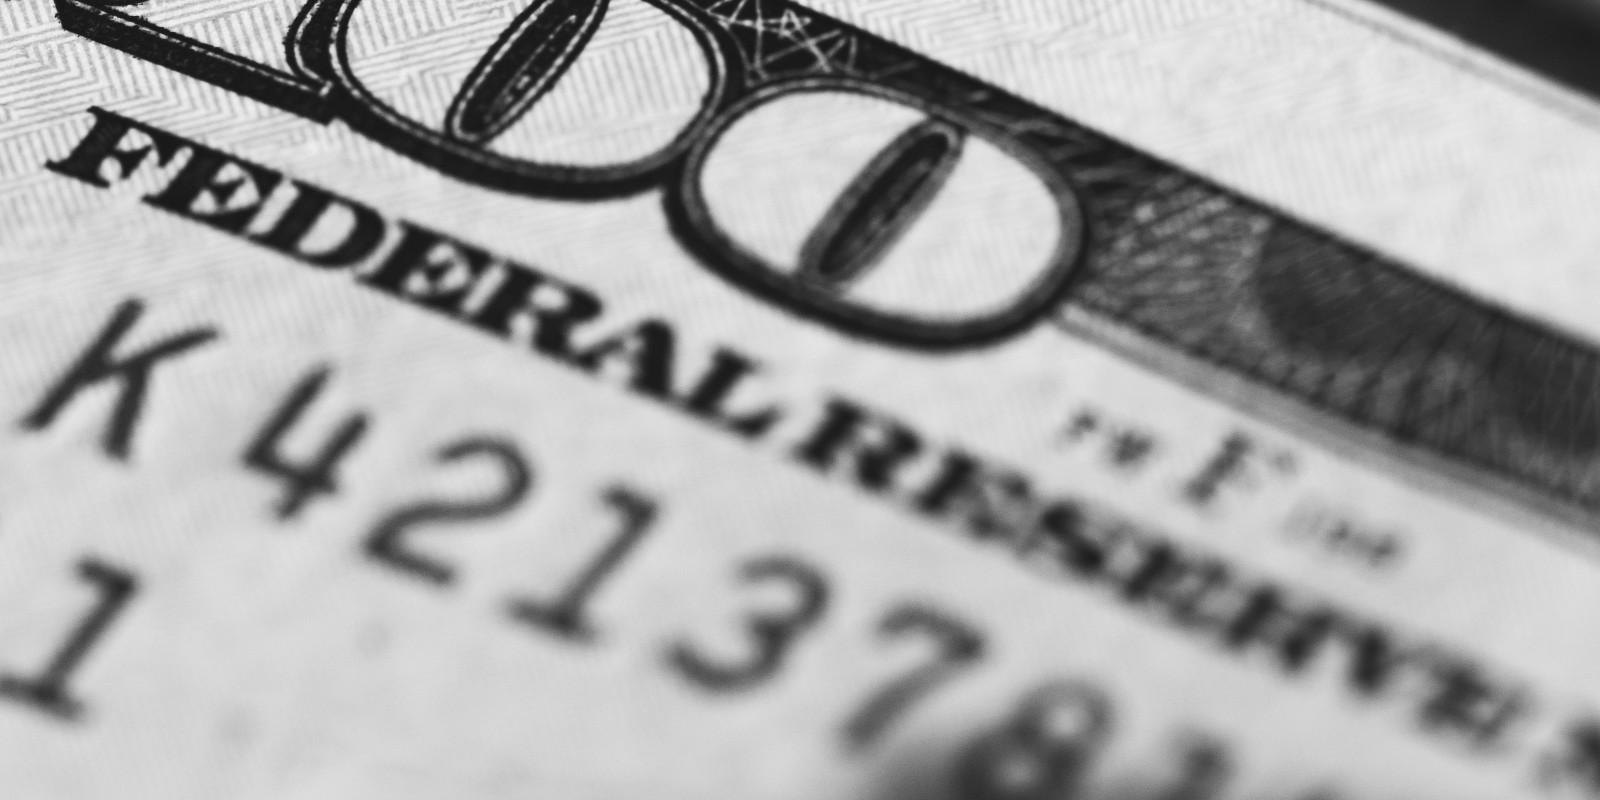 hogyan lehet pénzt szabályozni)